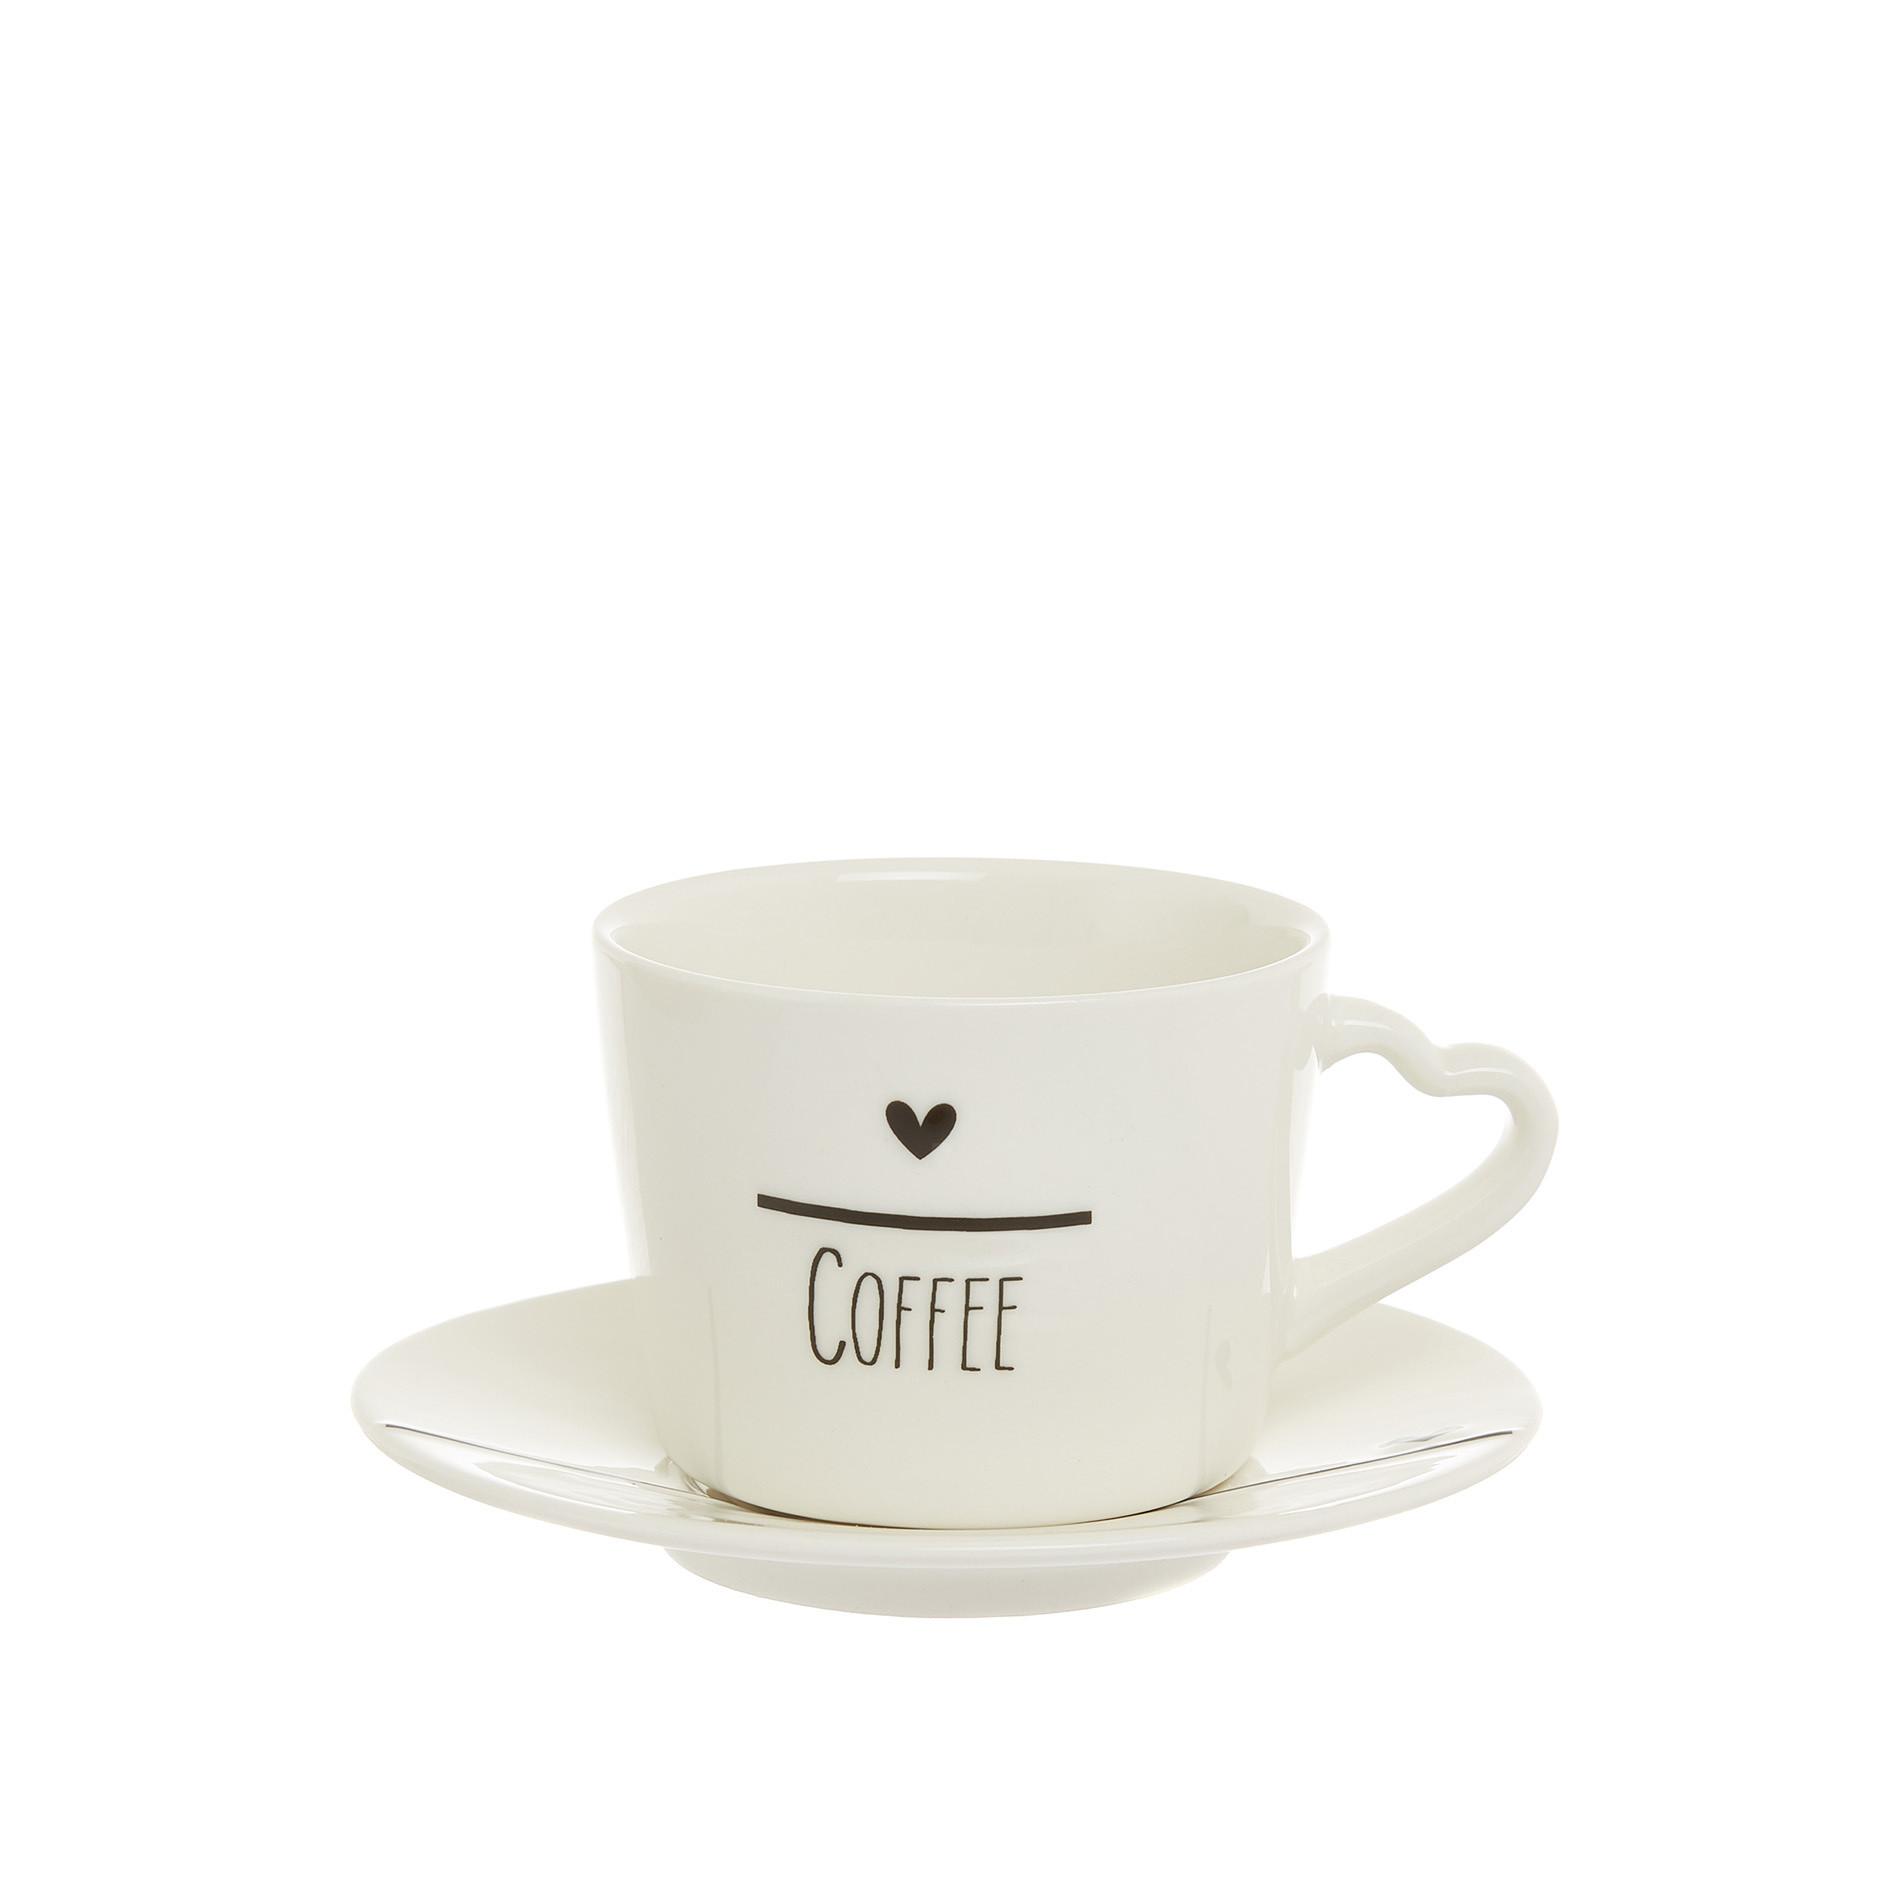 Tazza caffè porcellana cuori, Bianco, large image number 0